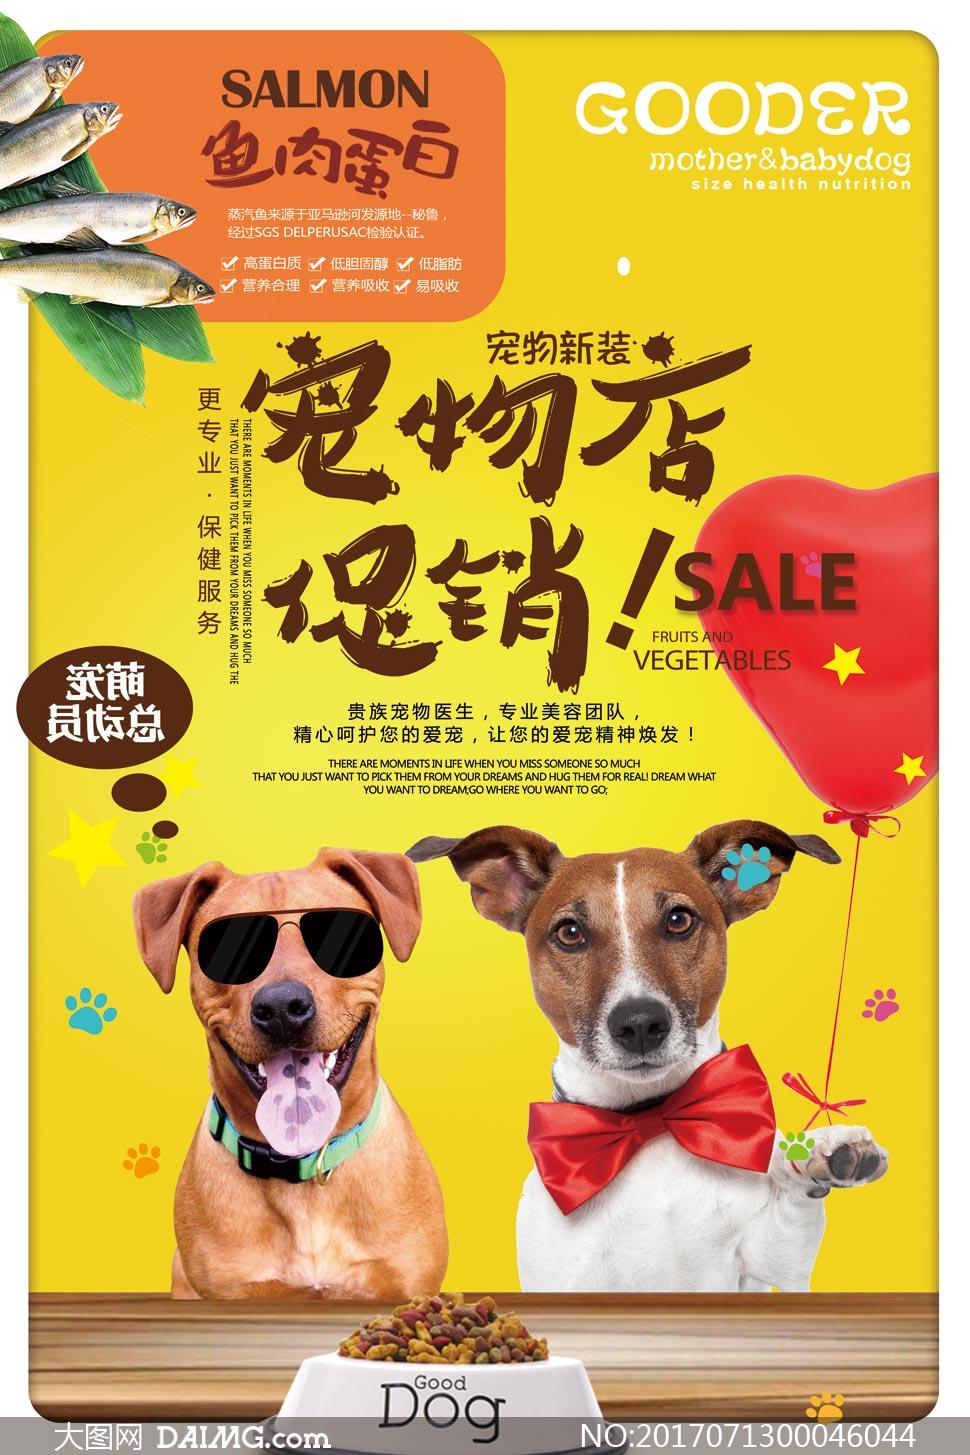 宠物店狗粮促销海报设计PSD素材